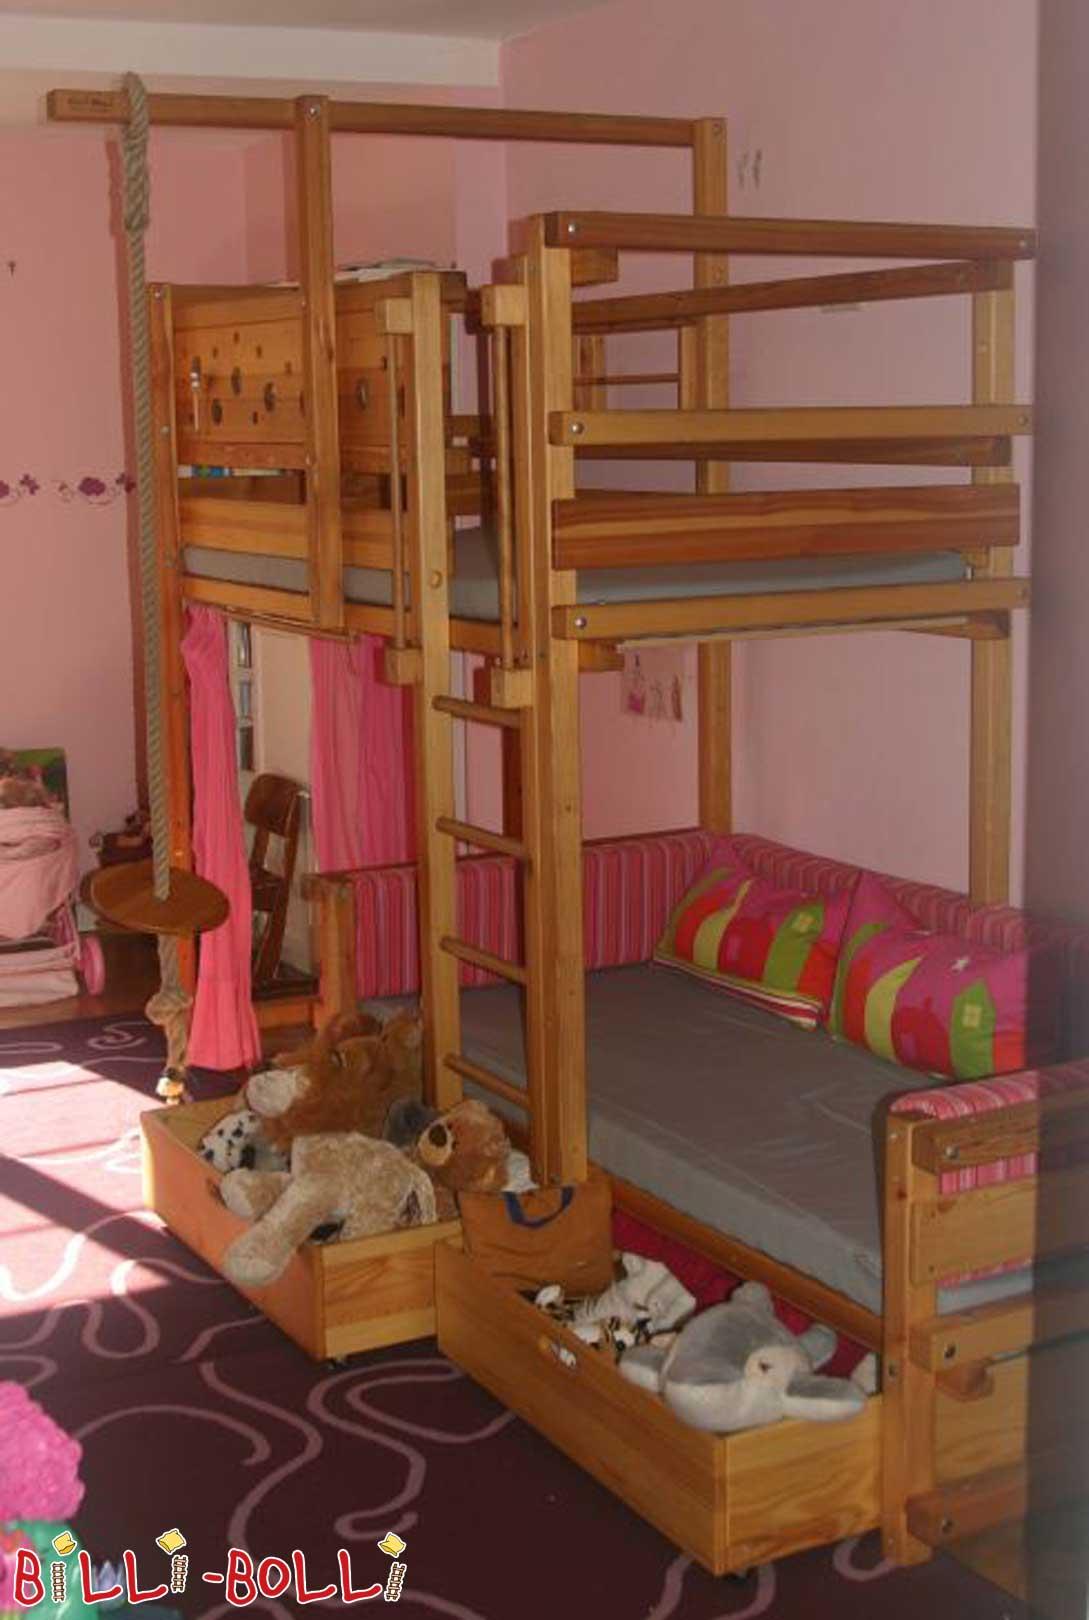 secondhand seite 139 billi bolli kinderm bel. Black Bedroom Furniture Sets. Home Design Ideas